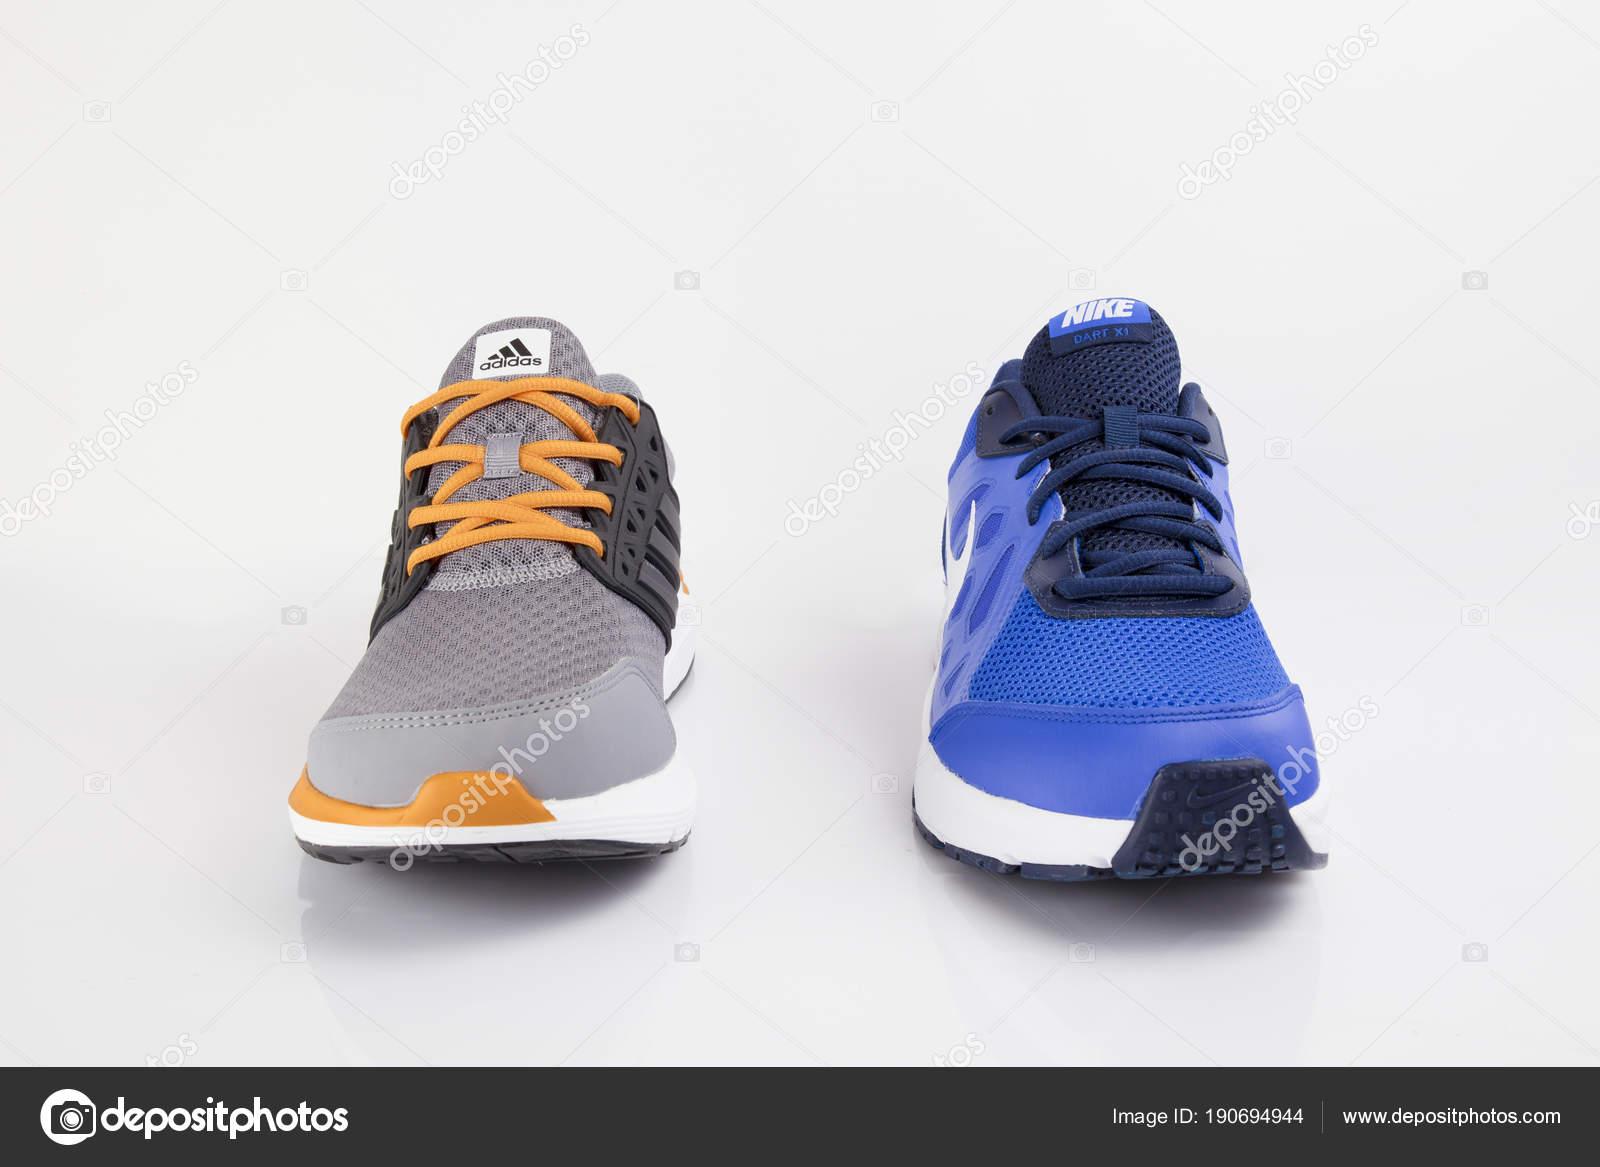 adidas y nike zapatillas